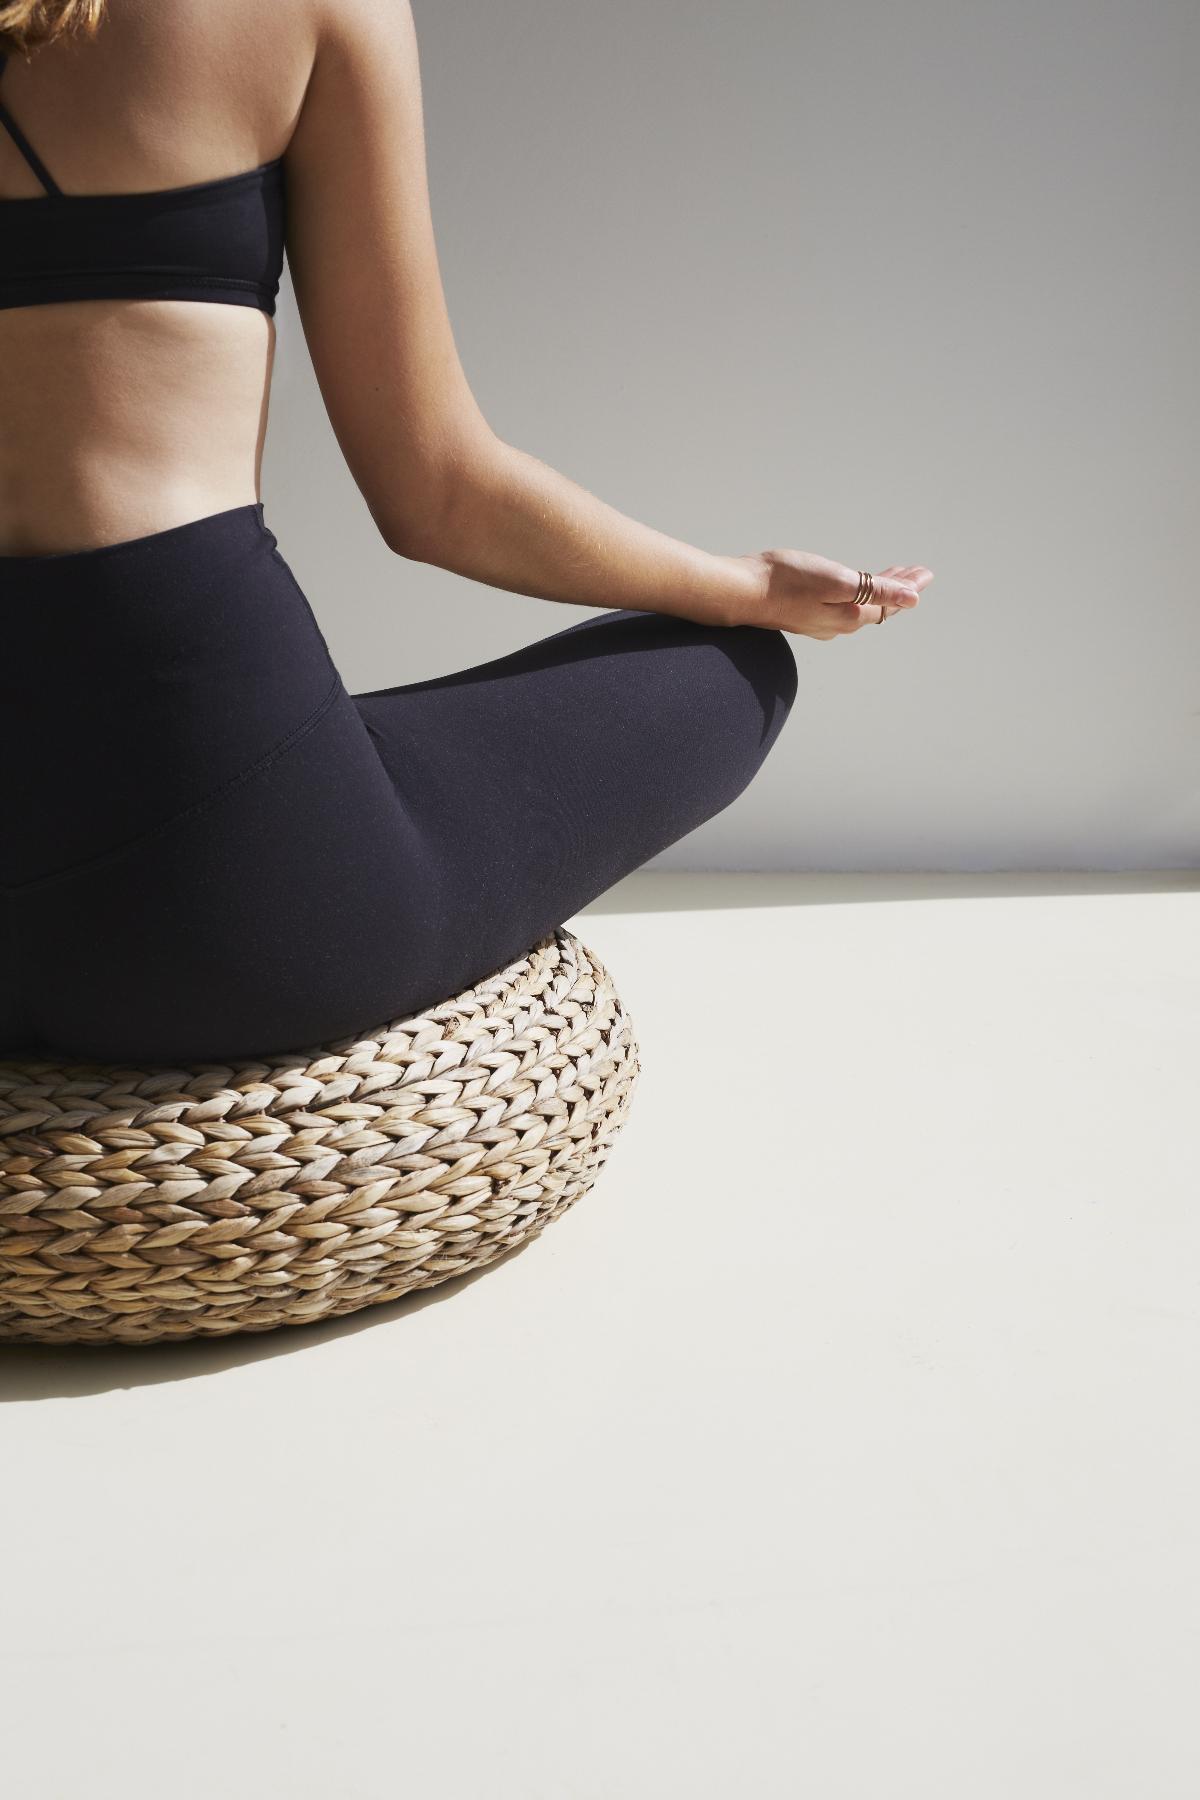 Meditation_037.jpg